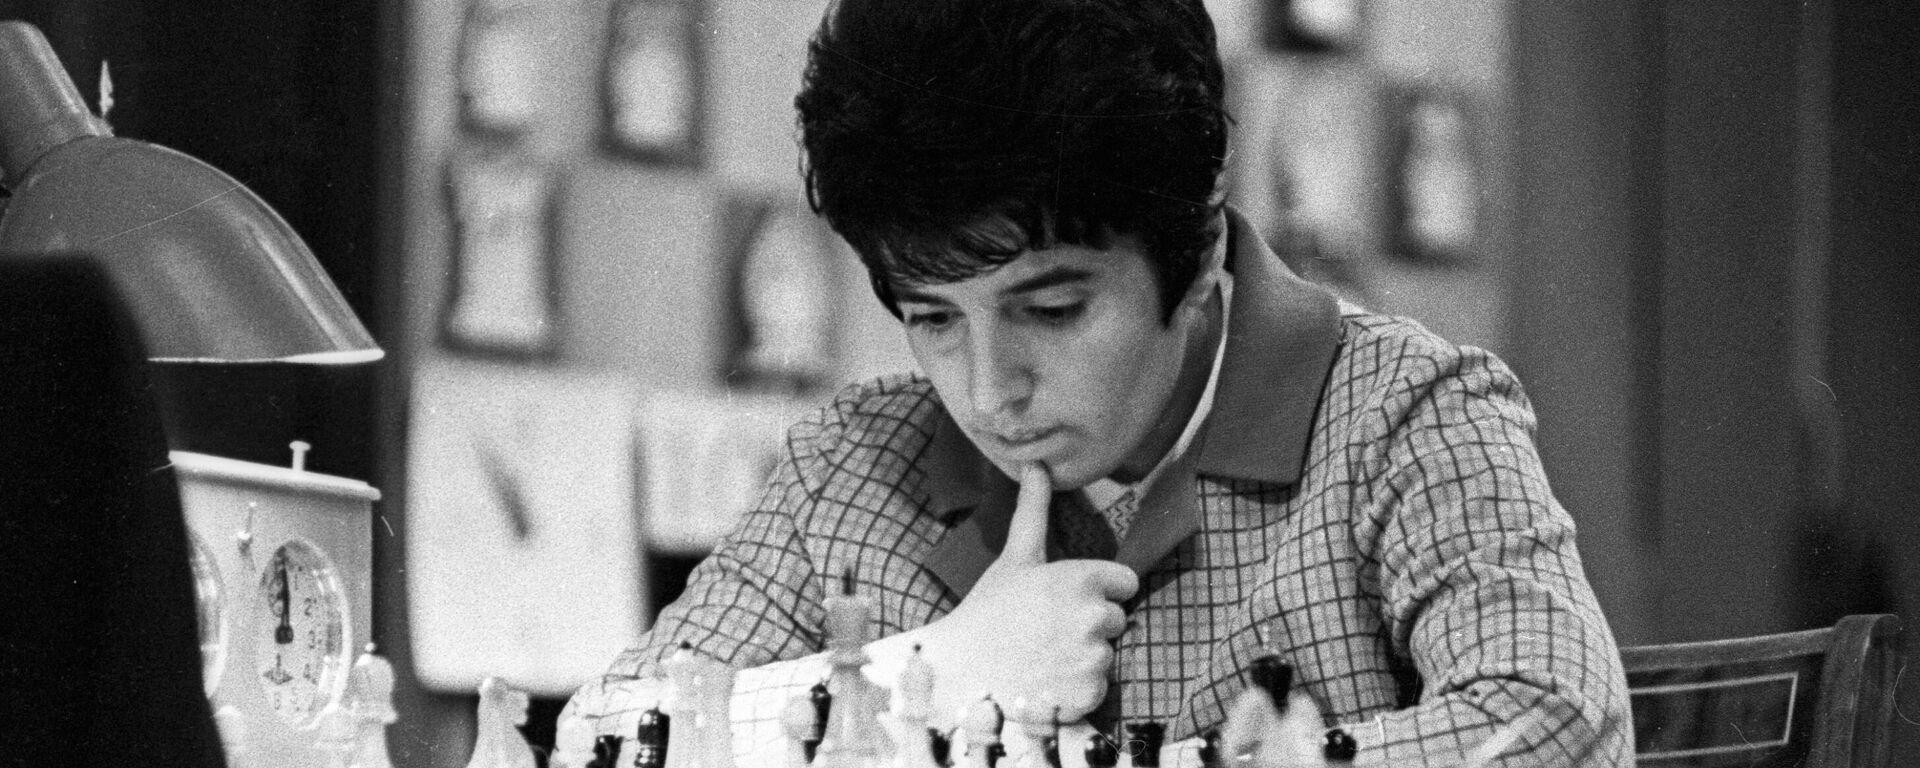 La ajedrecista georgiana Nona Gaprindashvili en 1970 - Sputnik Mundo, 1920, 17.09.2021